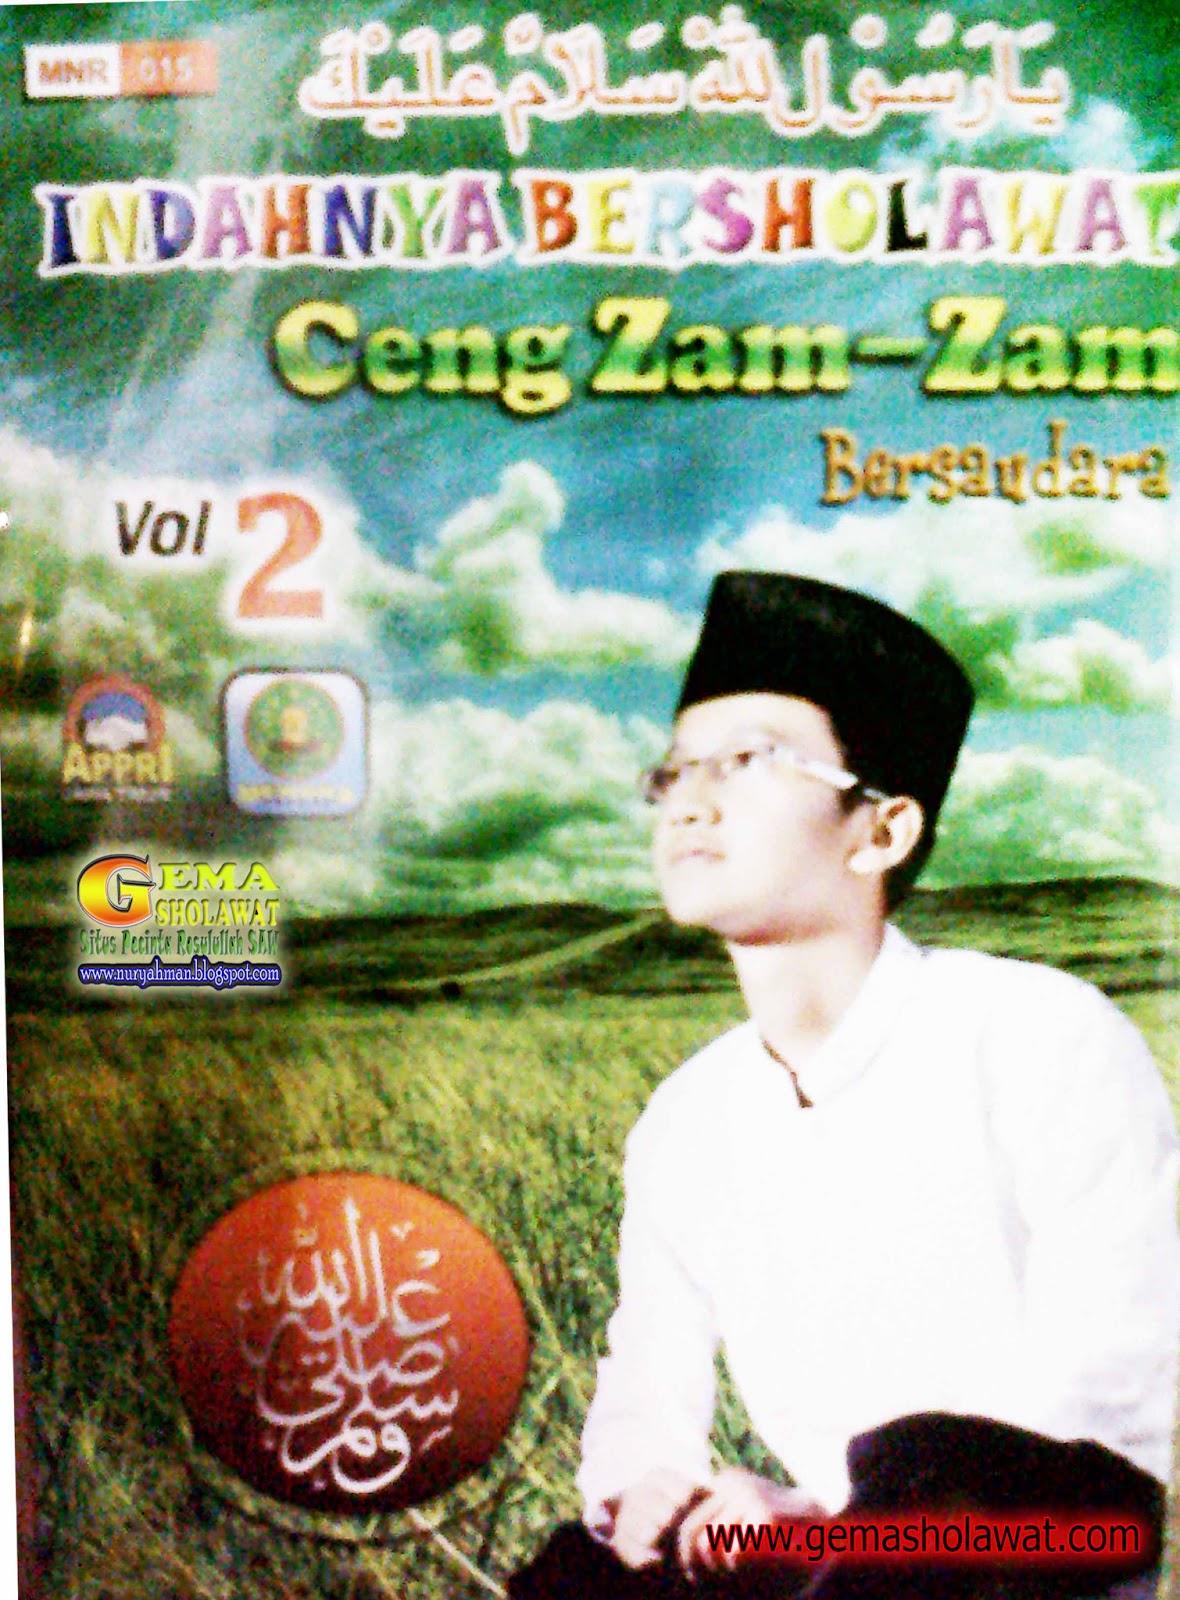 35 MP3 Sholawat - Album Lengkap Indahnya Bersholawat - Ceng Zam Zam